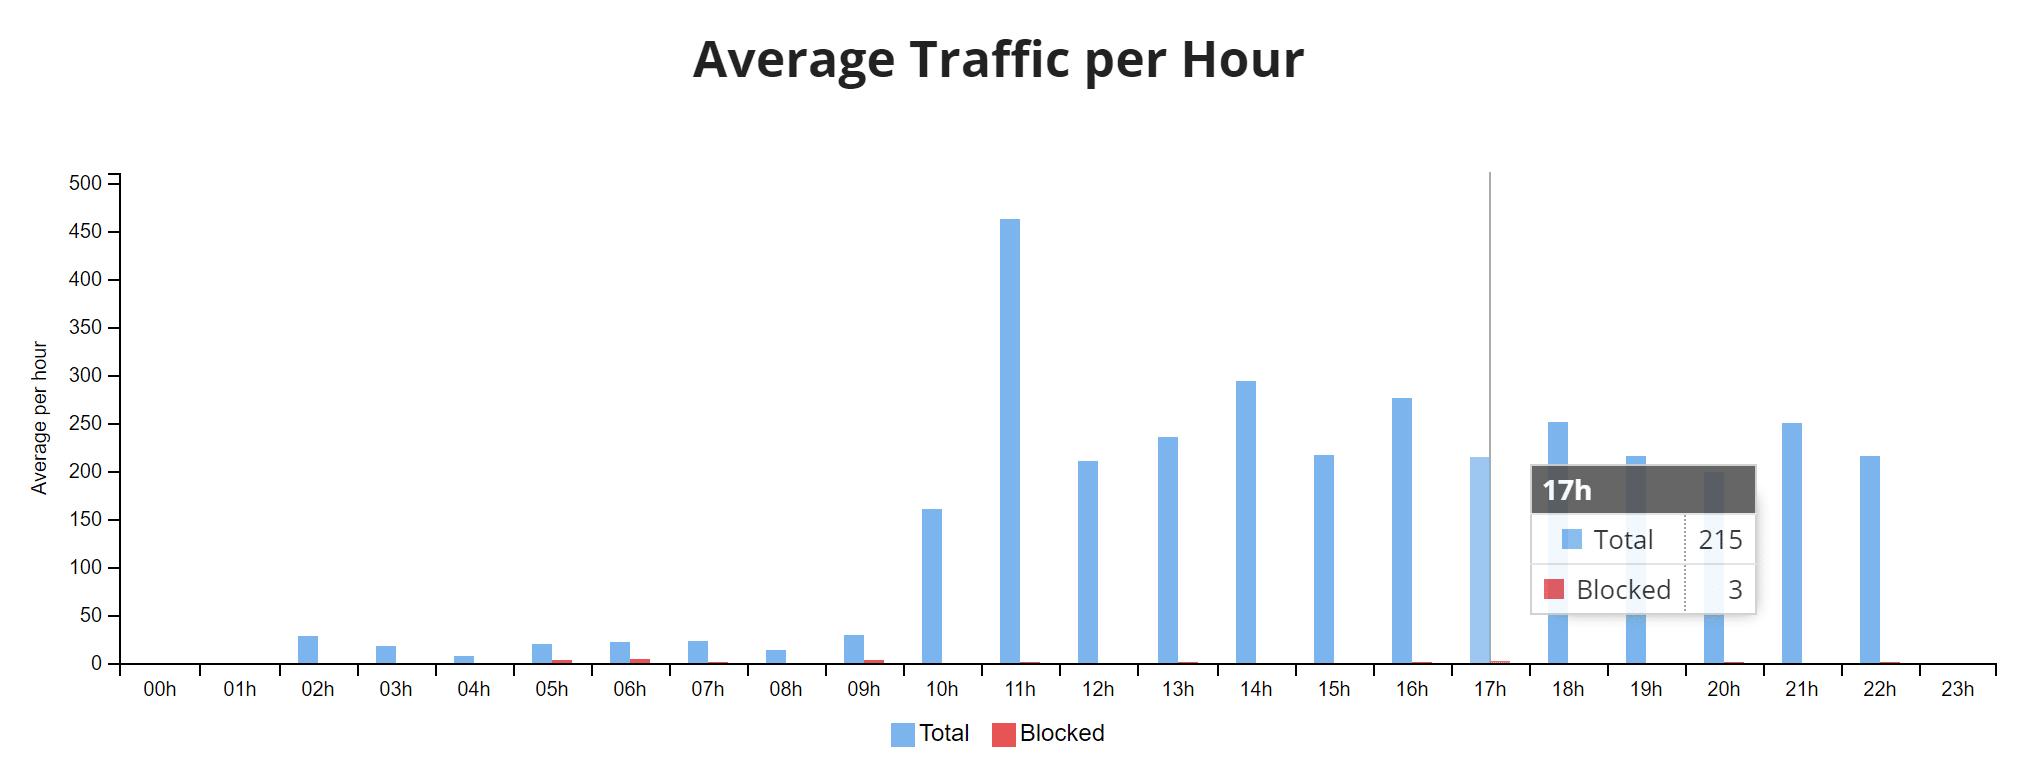 Média de tráfego por hora